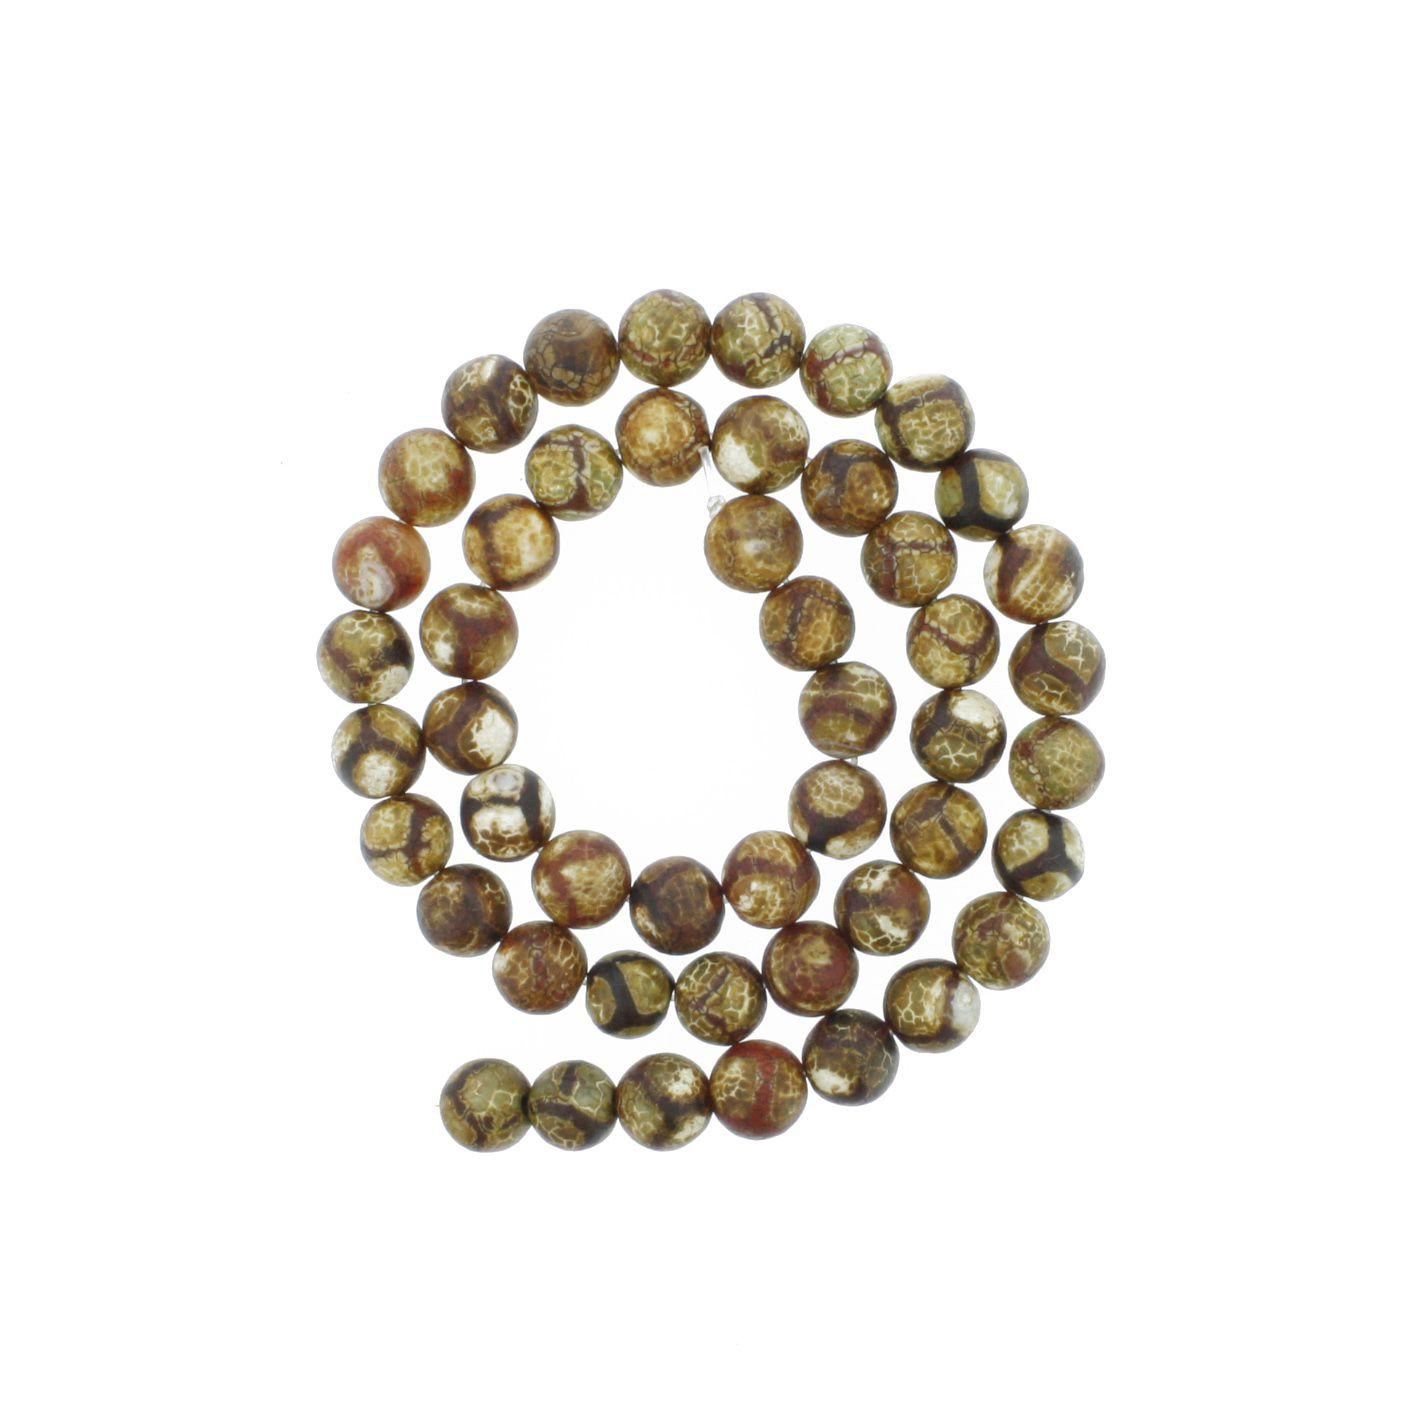 Fio de Pedra - Pietra® - Ágata Tibetana - 8mm  - Universo Religioso® - Artigos de Umbanda e Candomblé